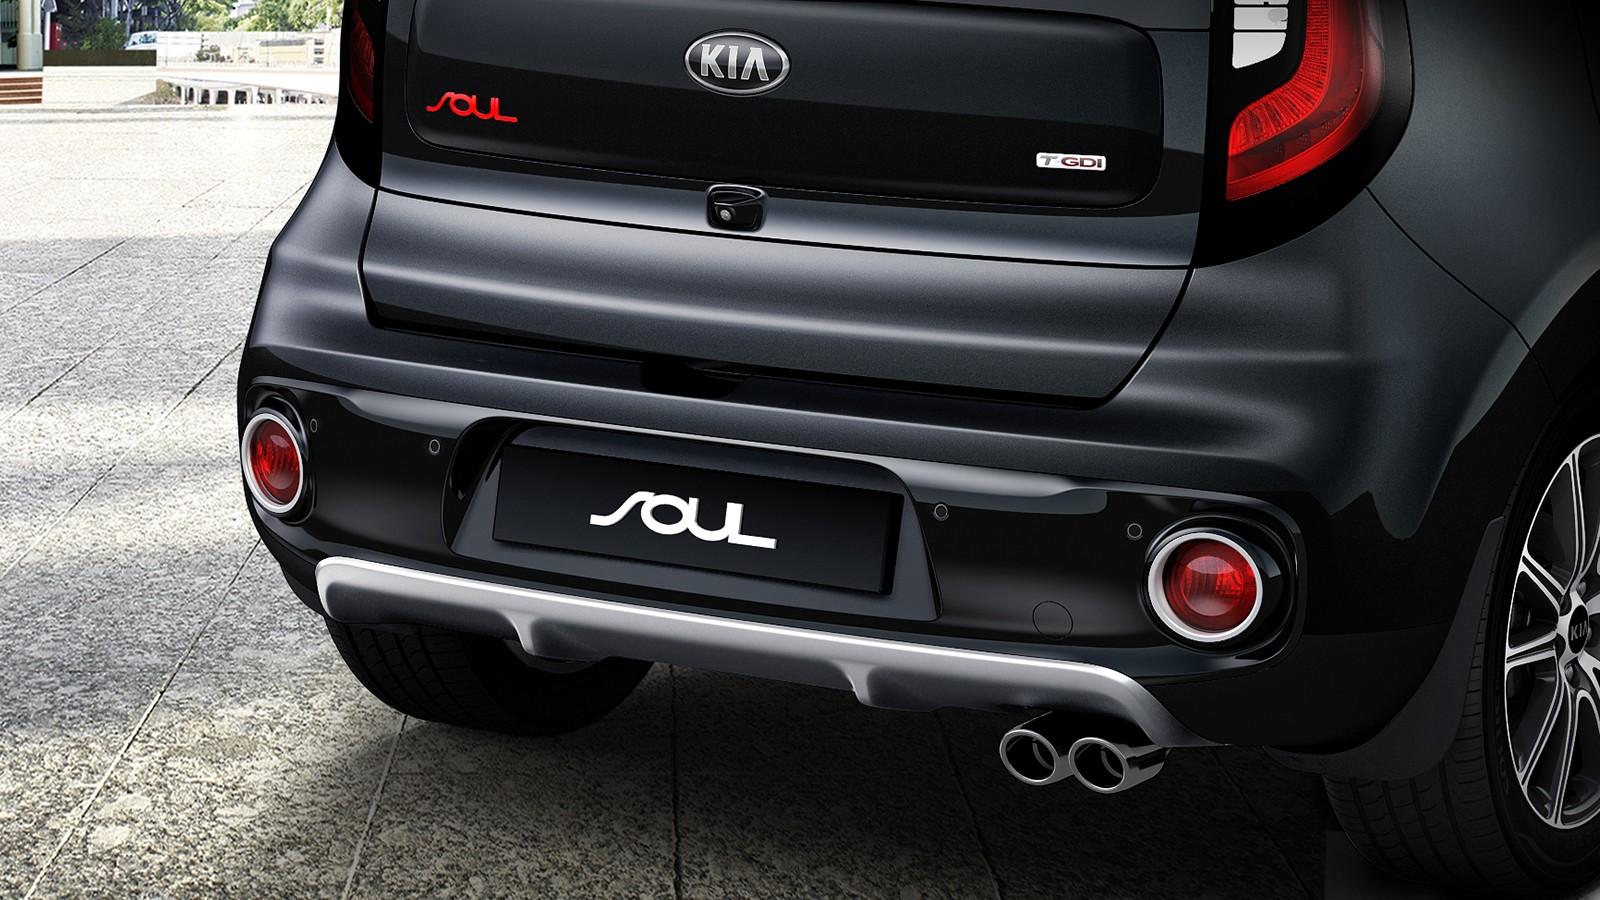 KIA Soul_rear bumper